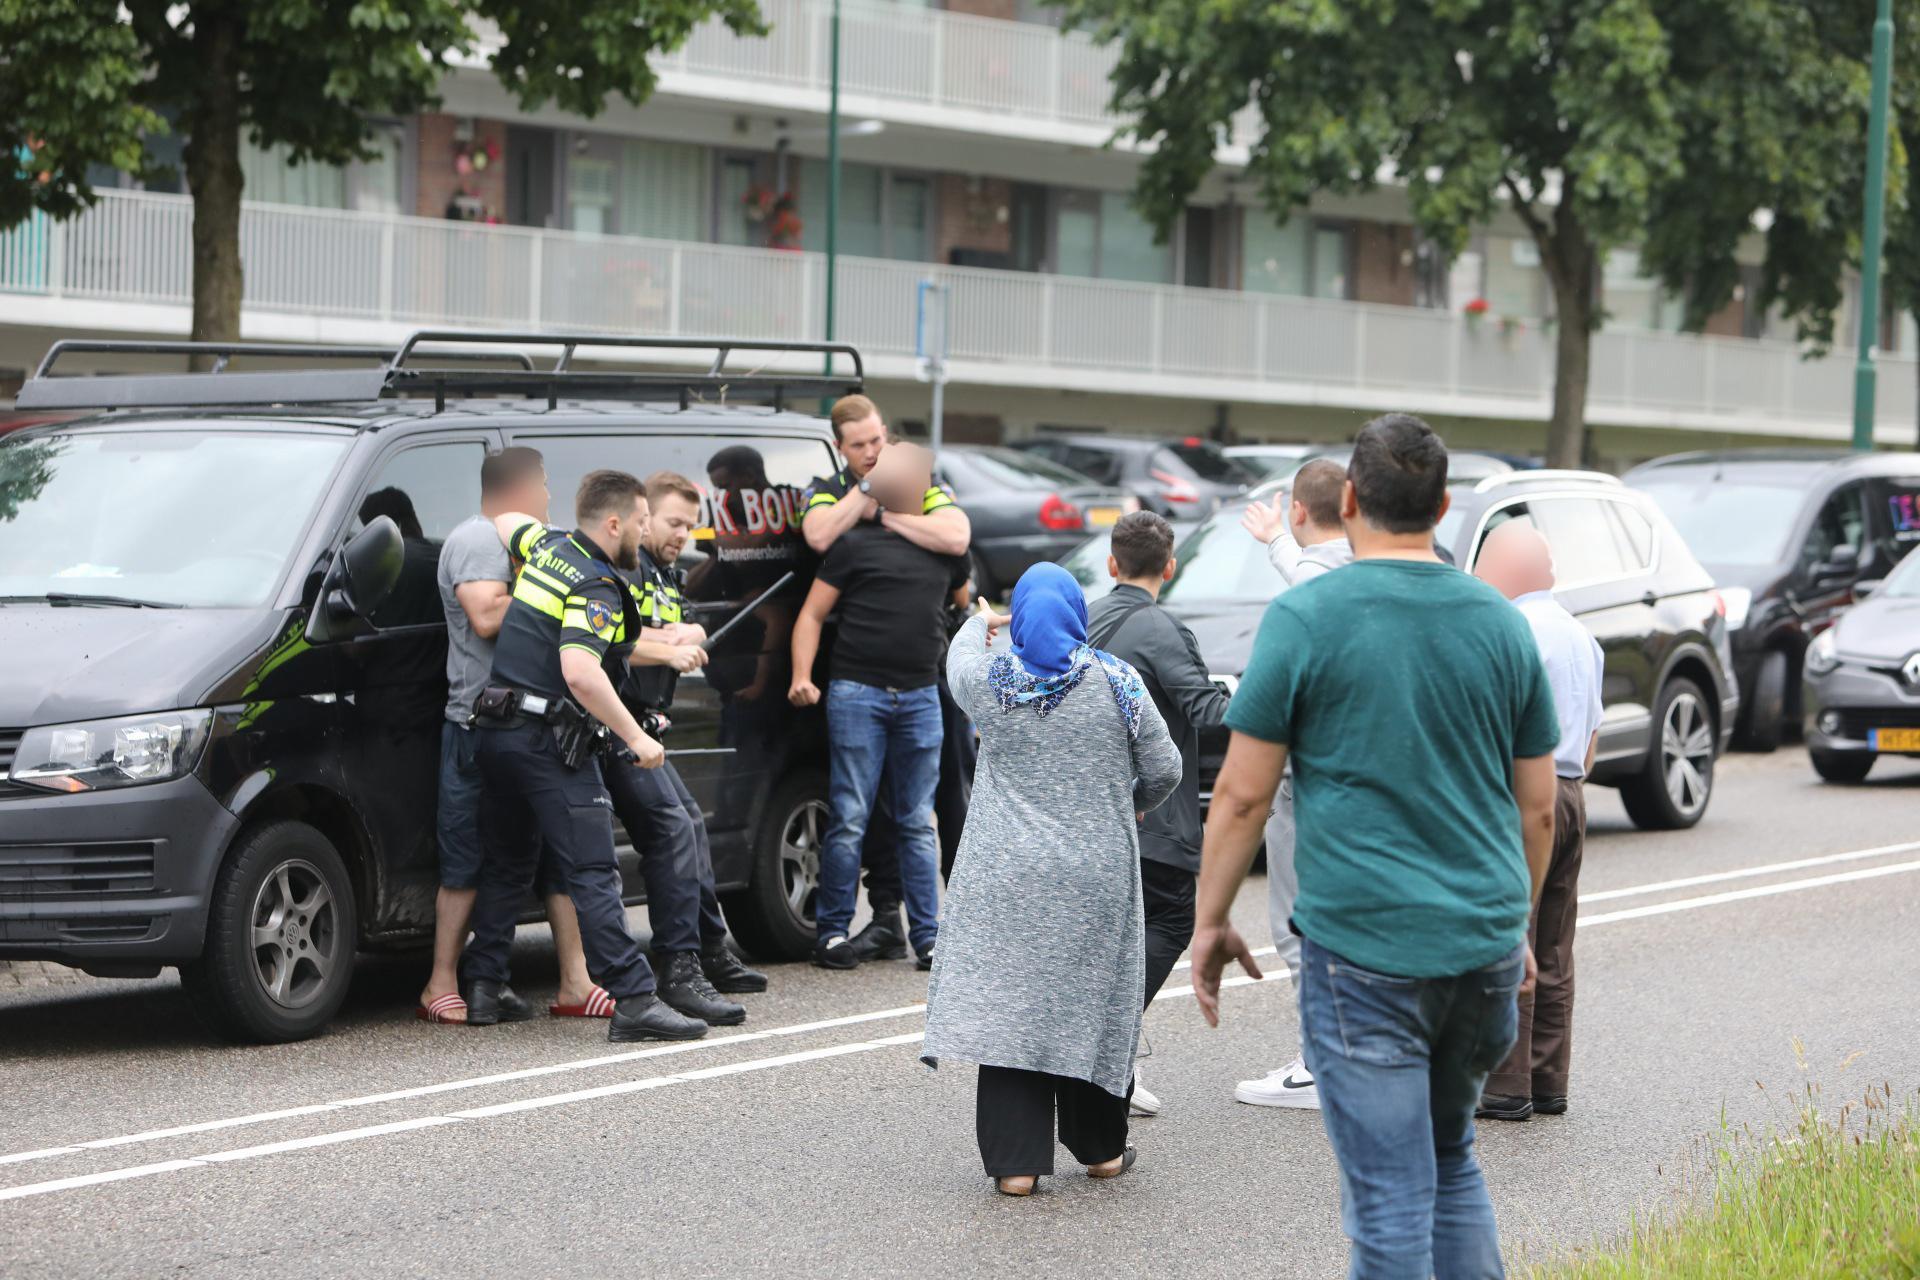 Vechtpartij op straat na ongeval met meerdere auto's in Soest